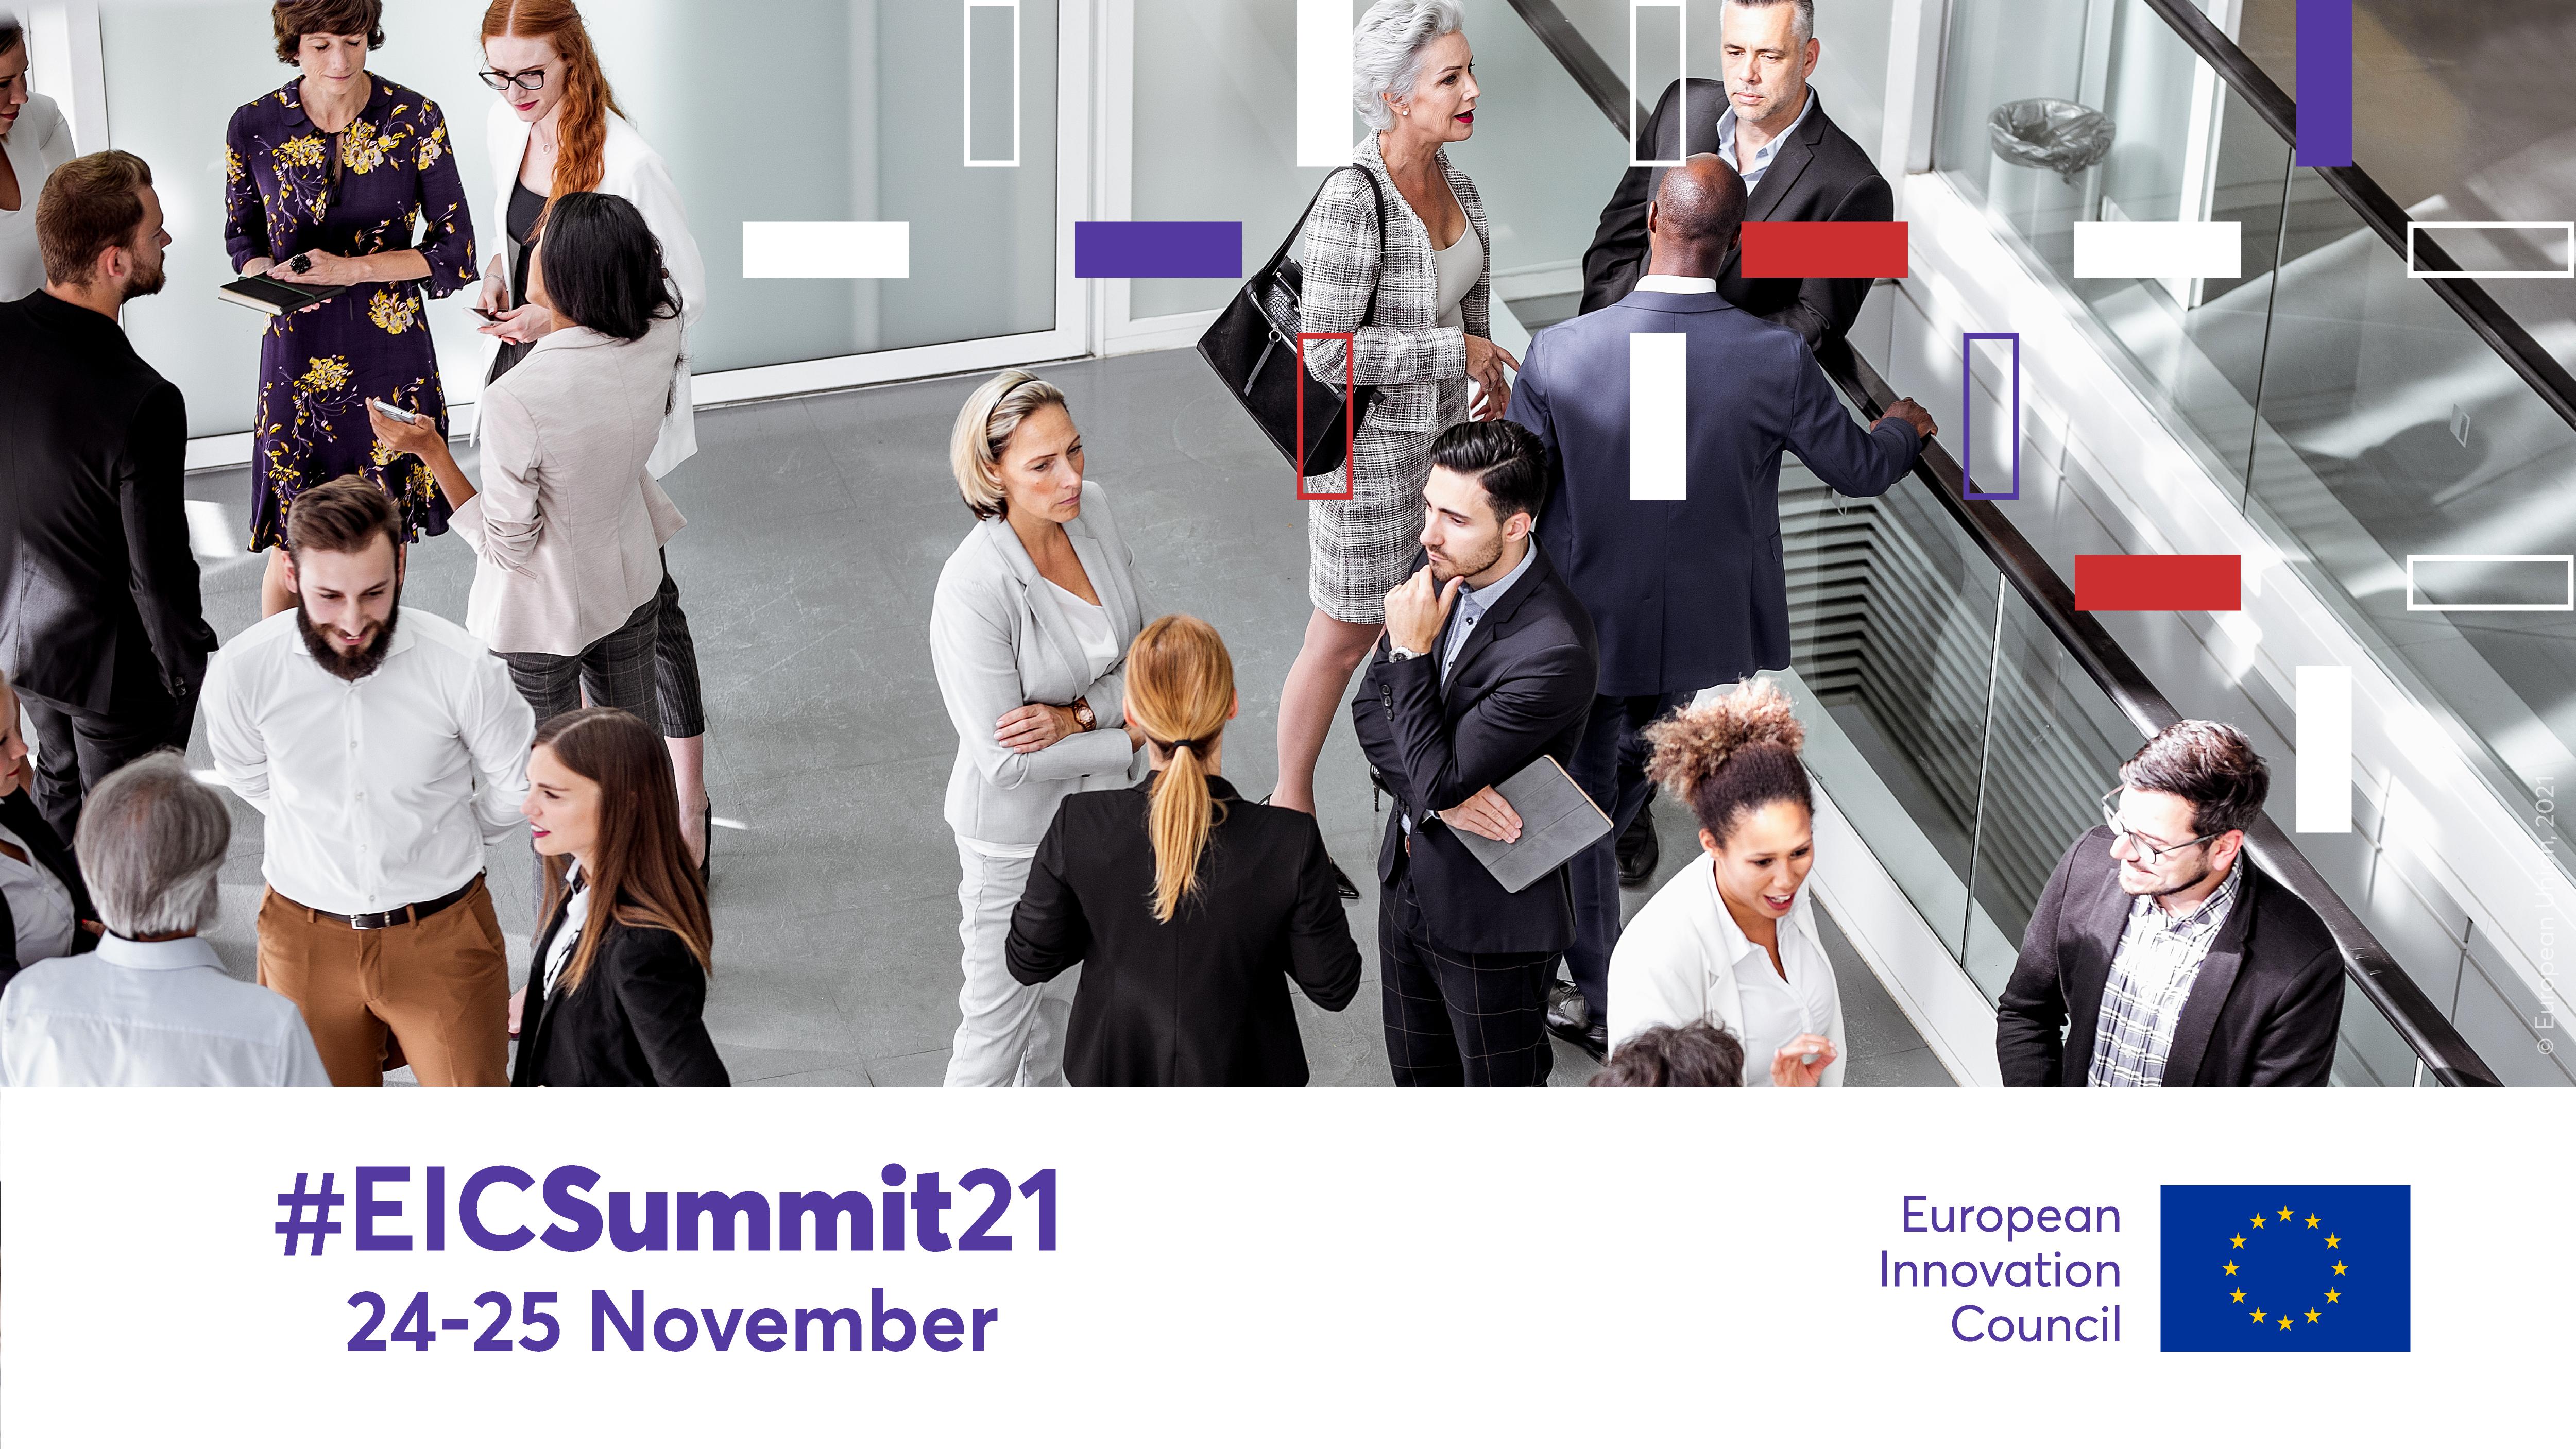 EIC Summit